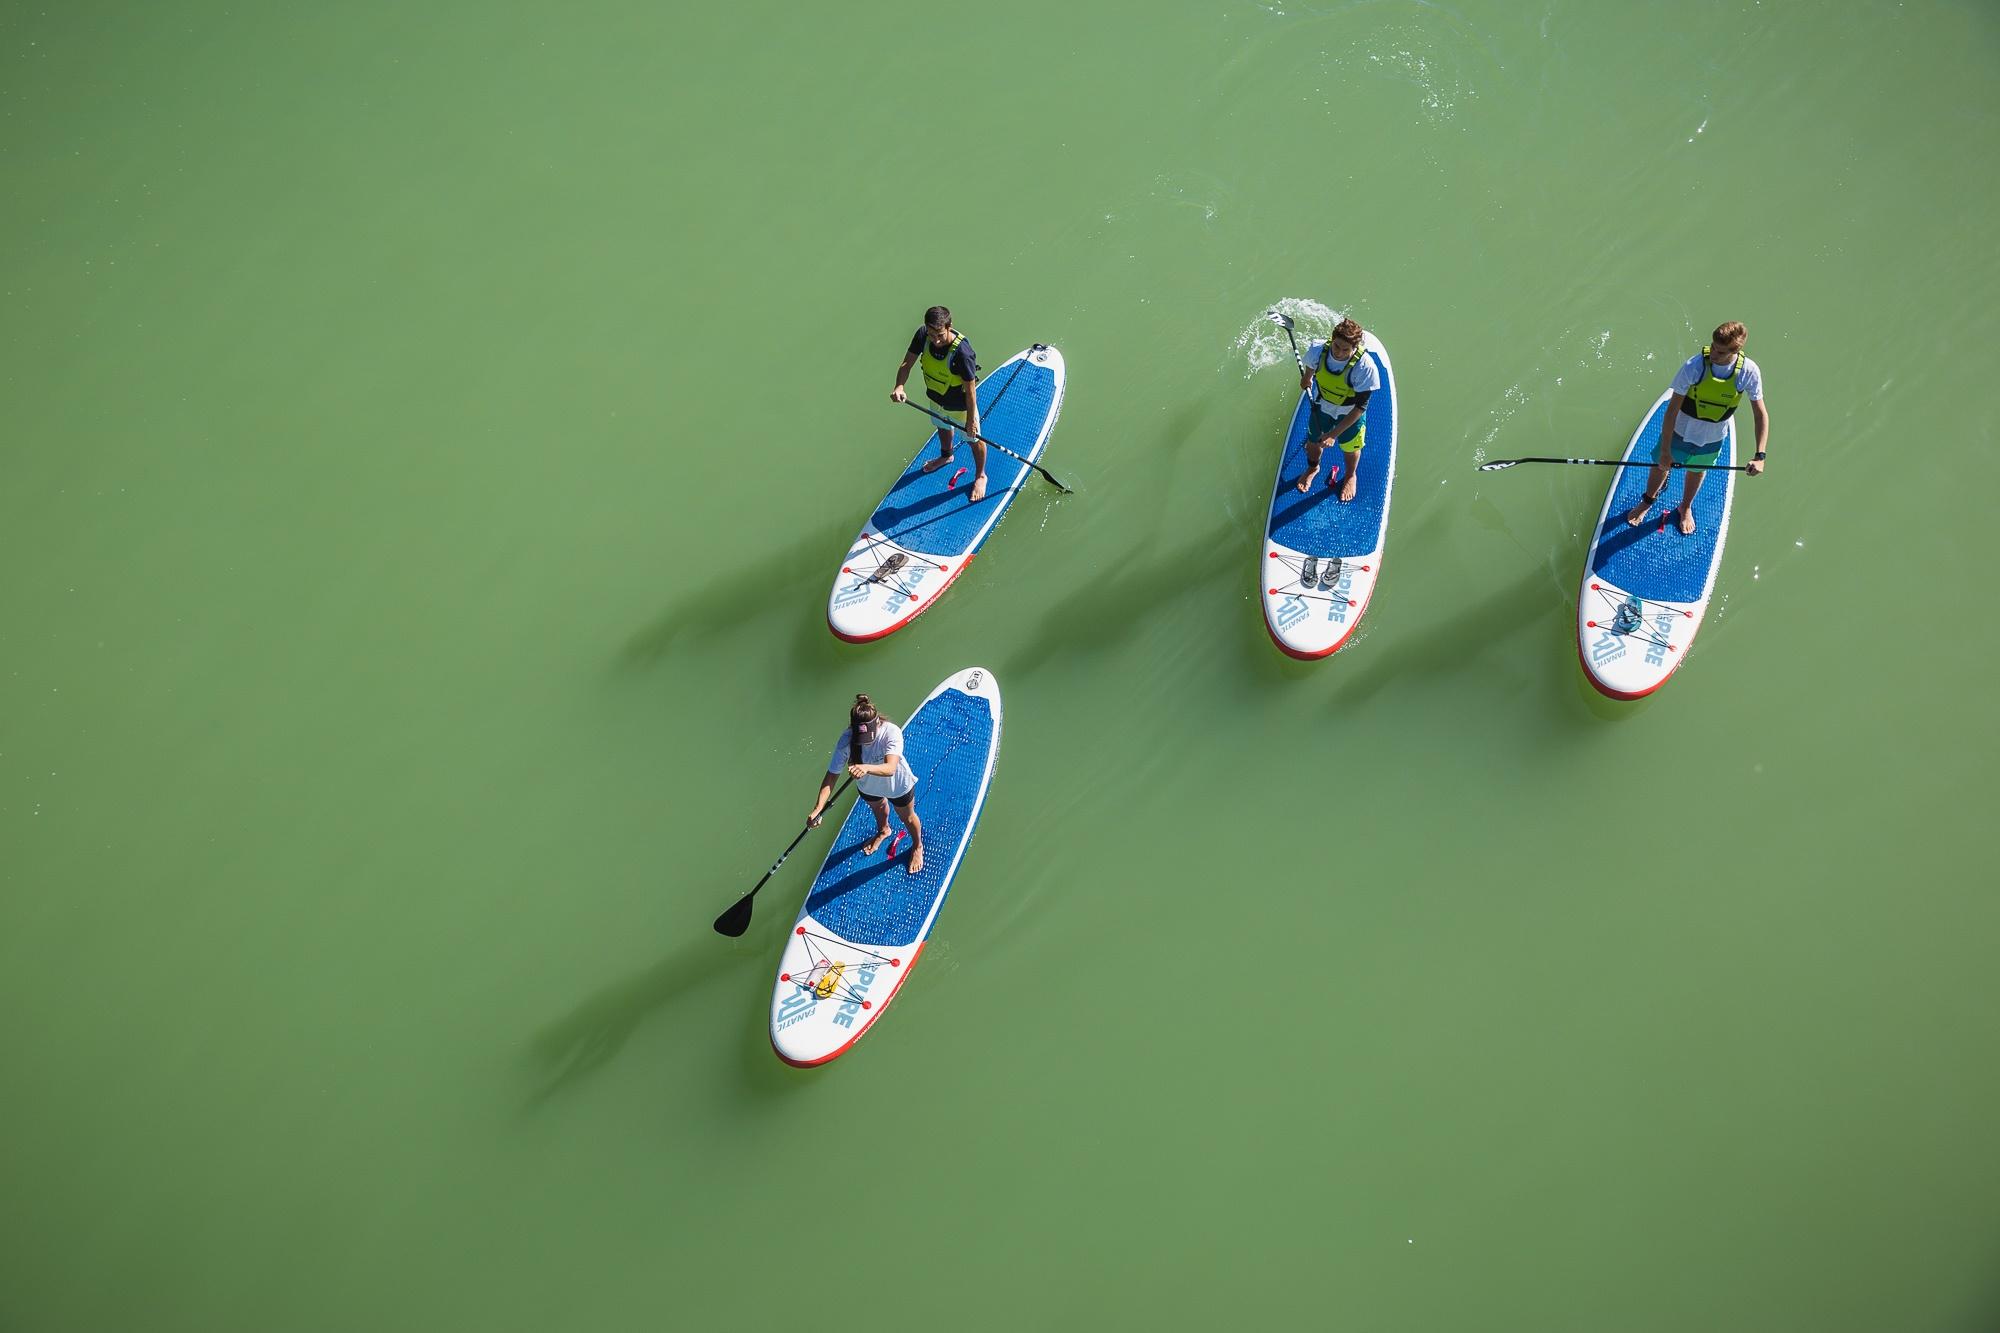 Las aguas del Guadalquivir forman una superficie plana perfecta para el 'paddle surf'.